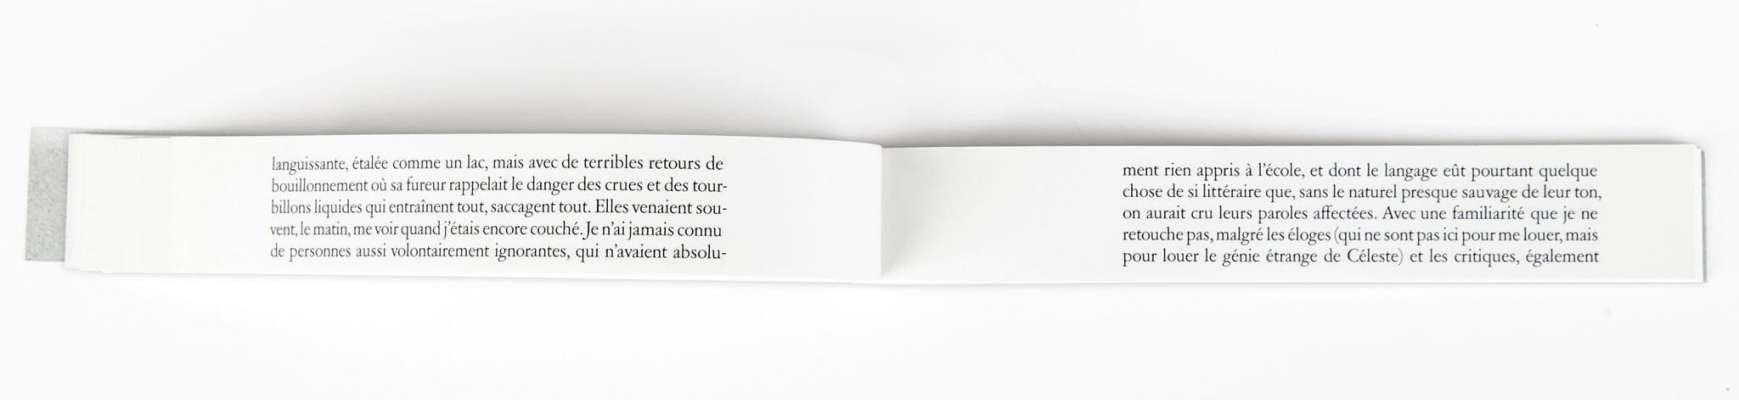 Marcel Proust Céleste Éditions cent pages page intérieure extrait À La Recherche du temps perdu livre objet